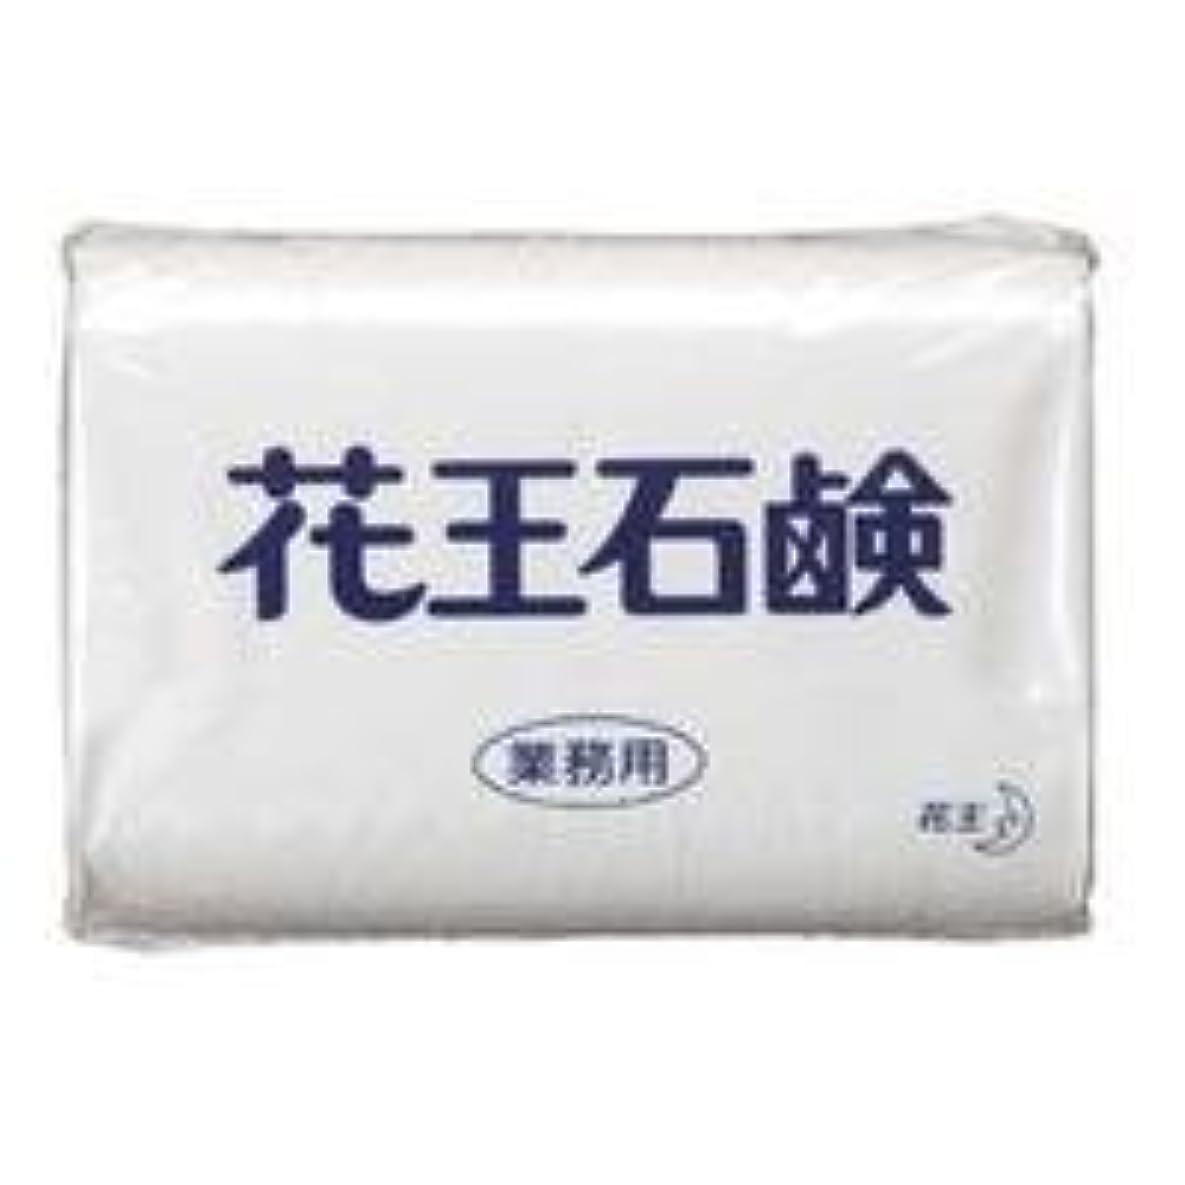 優しさ予想する欠席業務用石鹸 85g 3個×40パック(120個入り)